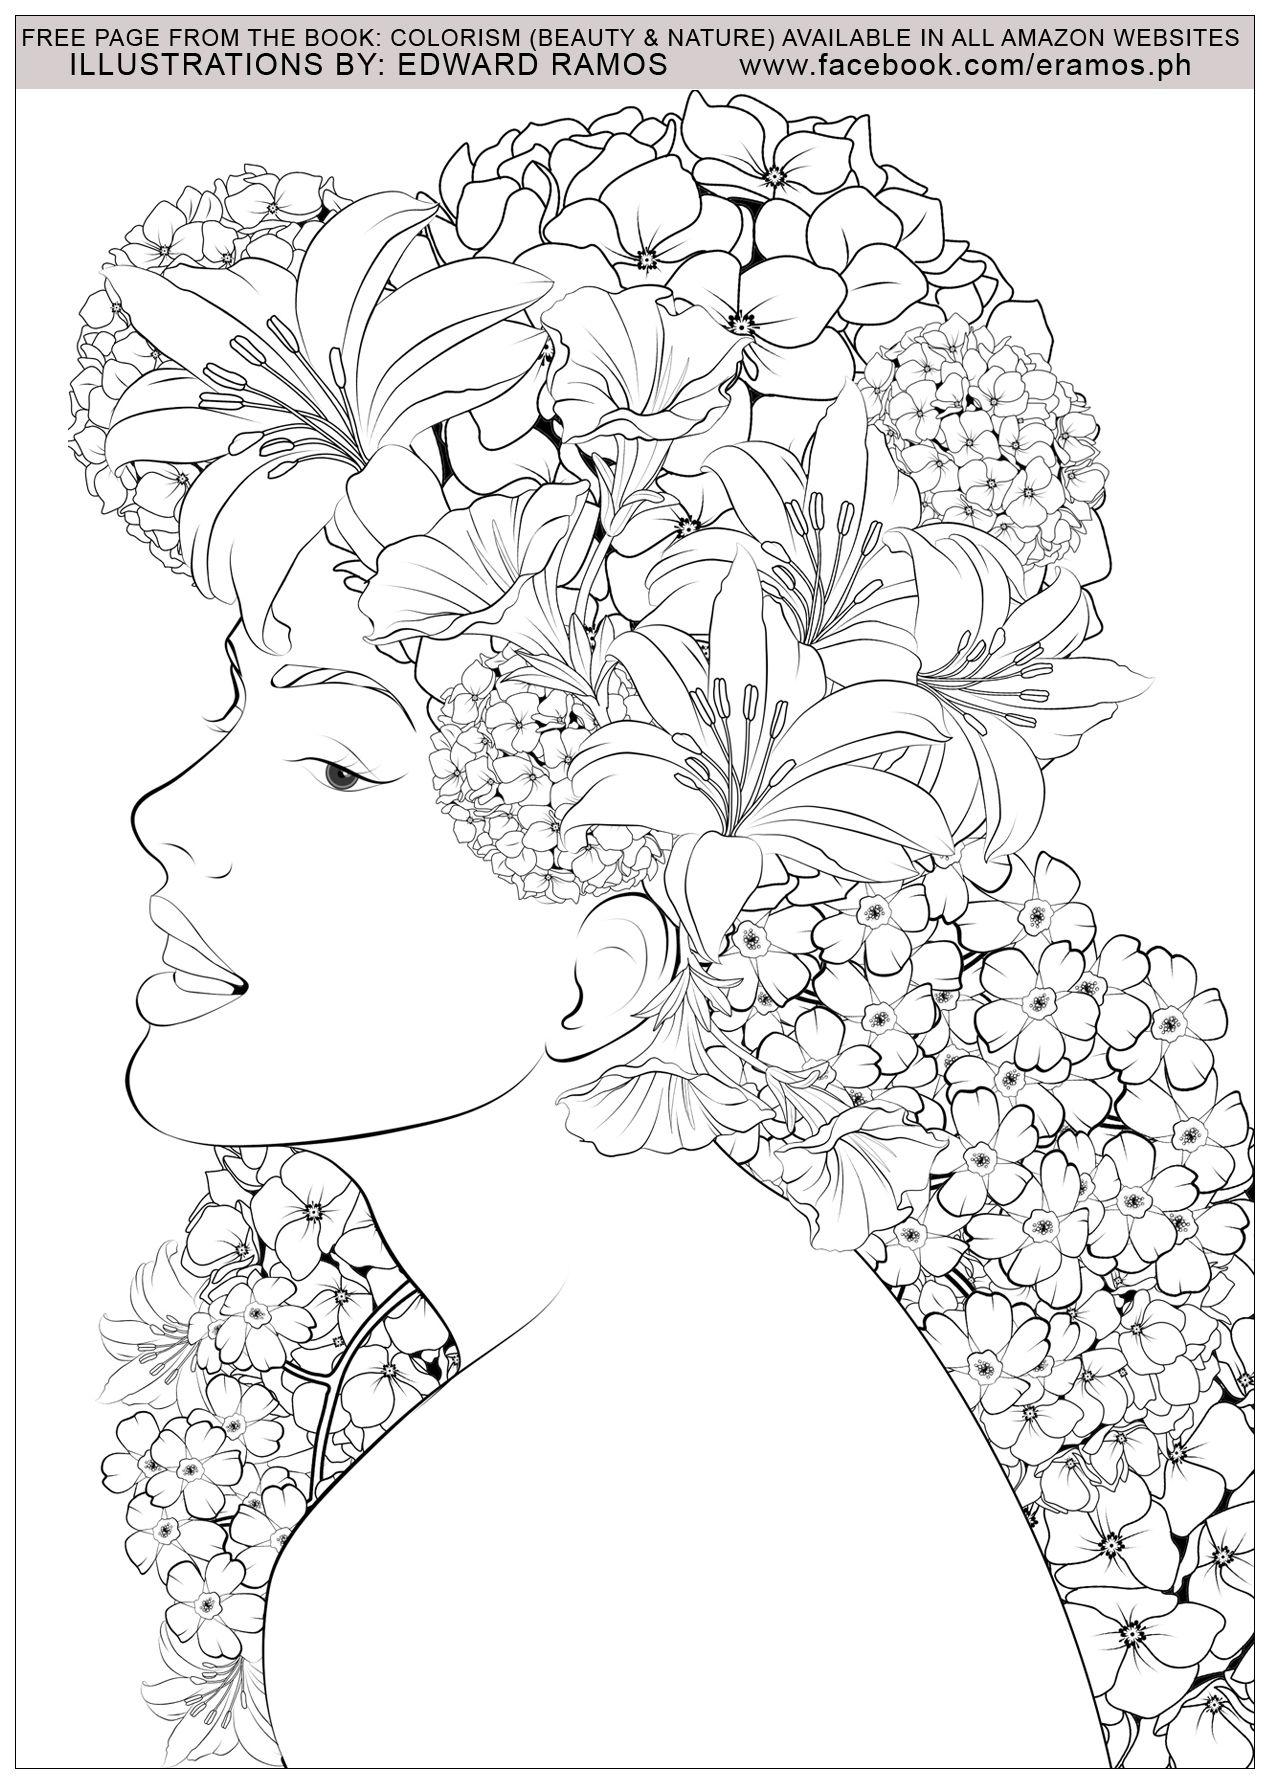 Иллюстрация из книги Колоризм - Красота и природа Эдварда ...